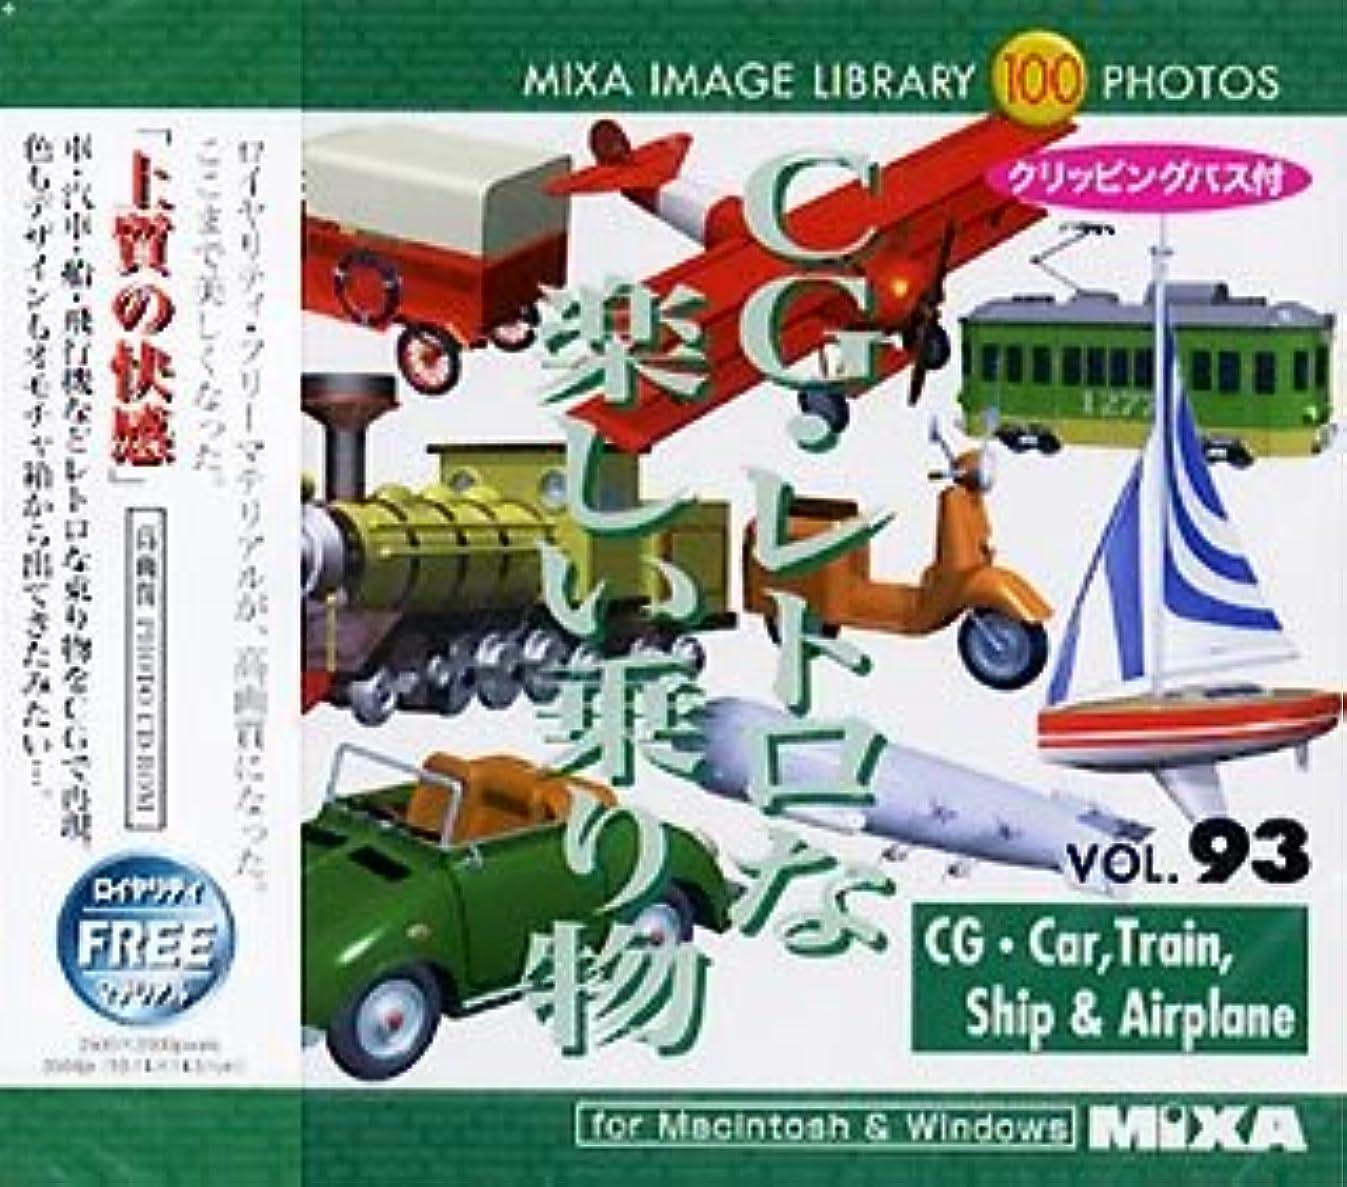 ゴネリル受取人宇宙のMIXA IMAGE LIBRARY Vol.93 CG?レトロな楽しい乗り物